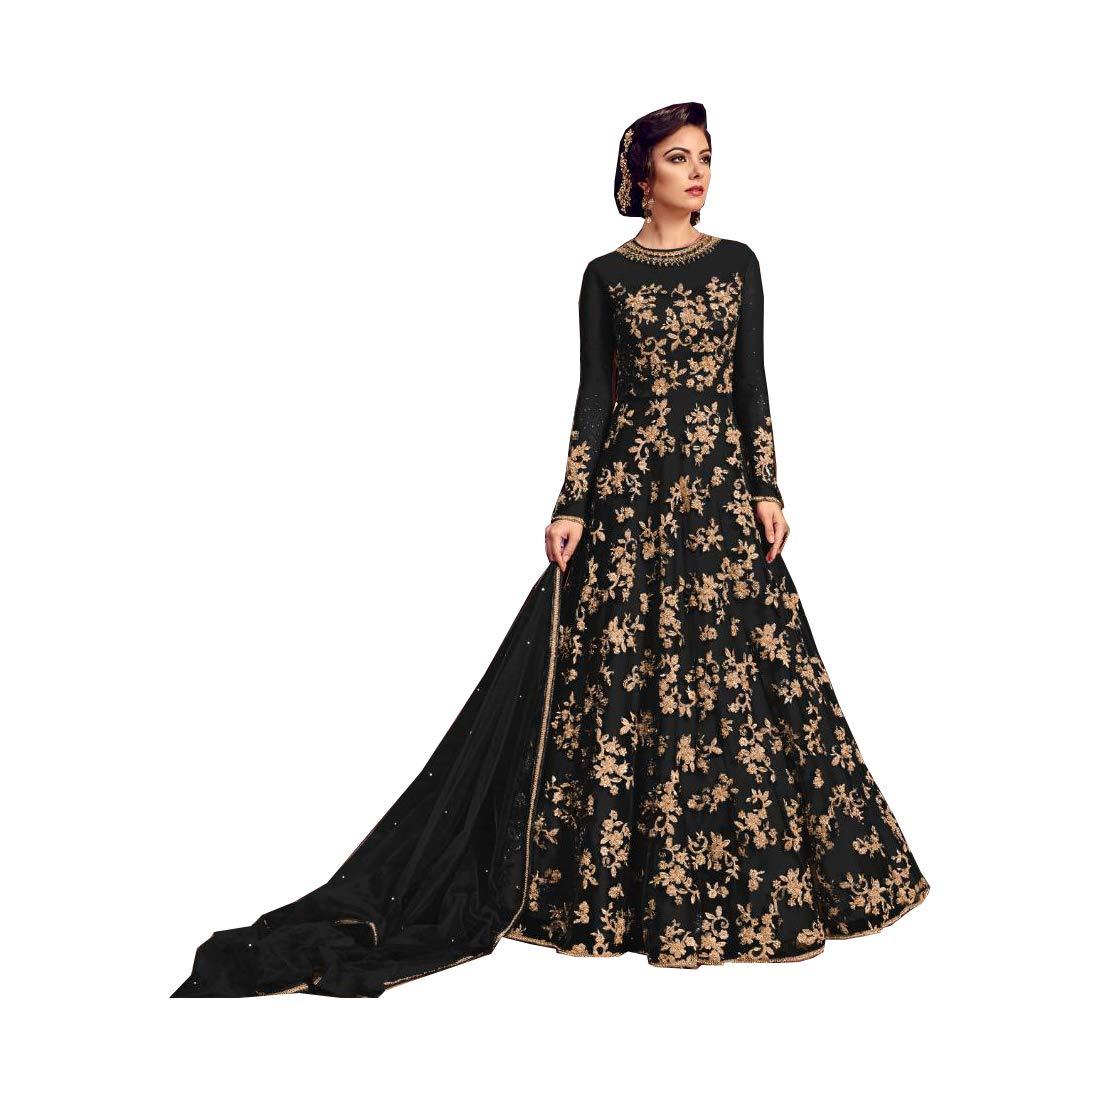 AMIT FASHIONS, Exclusivo diseñador Indio, Semi Puntada Traje de ...